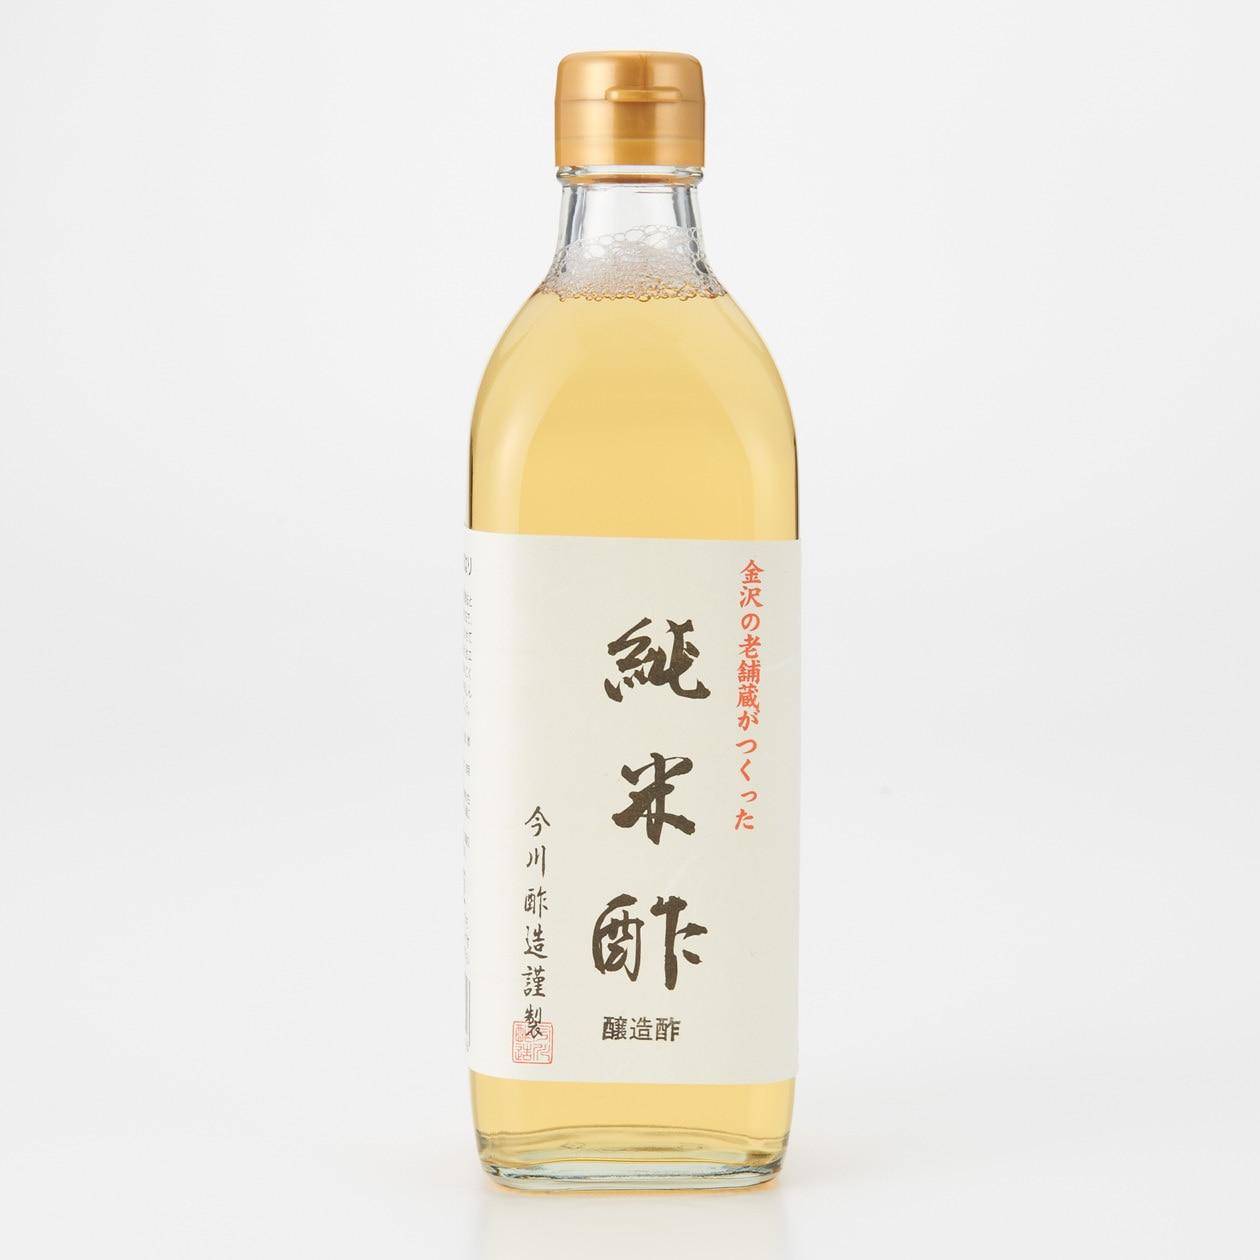 石川県金沢市 金沢の老舗蔵がつくった純米酢